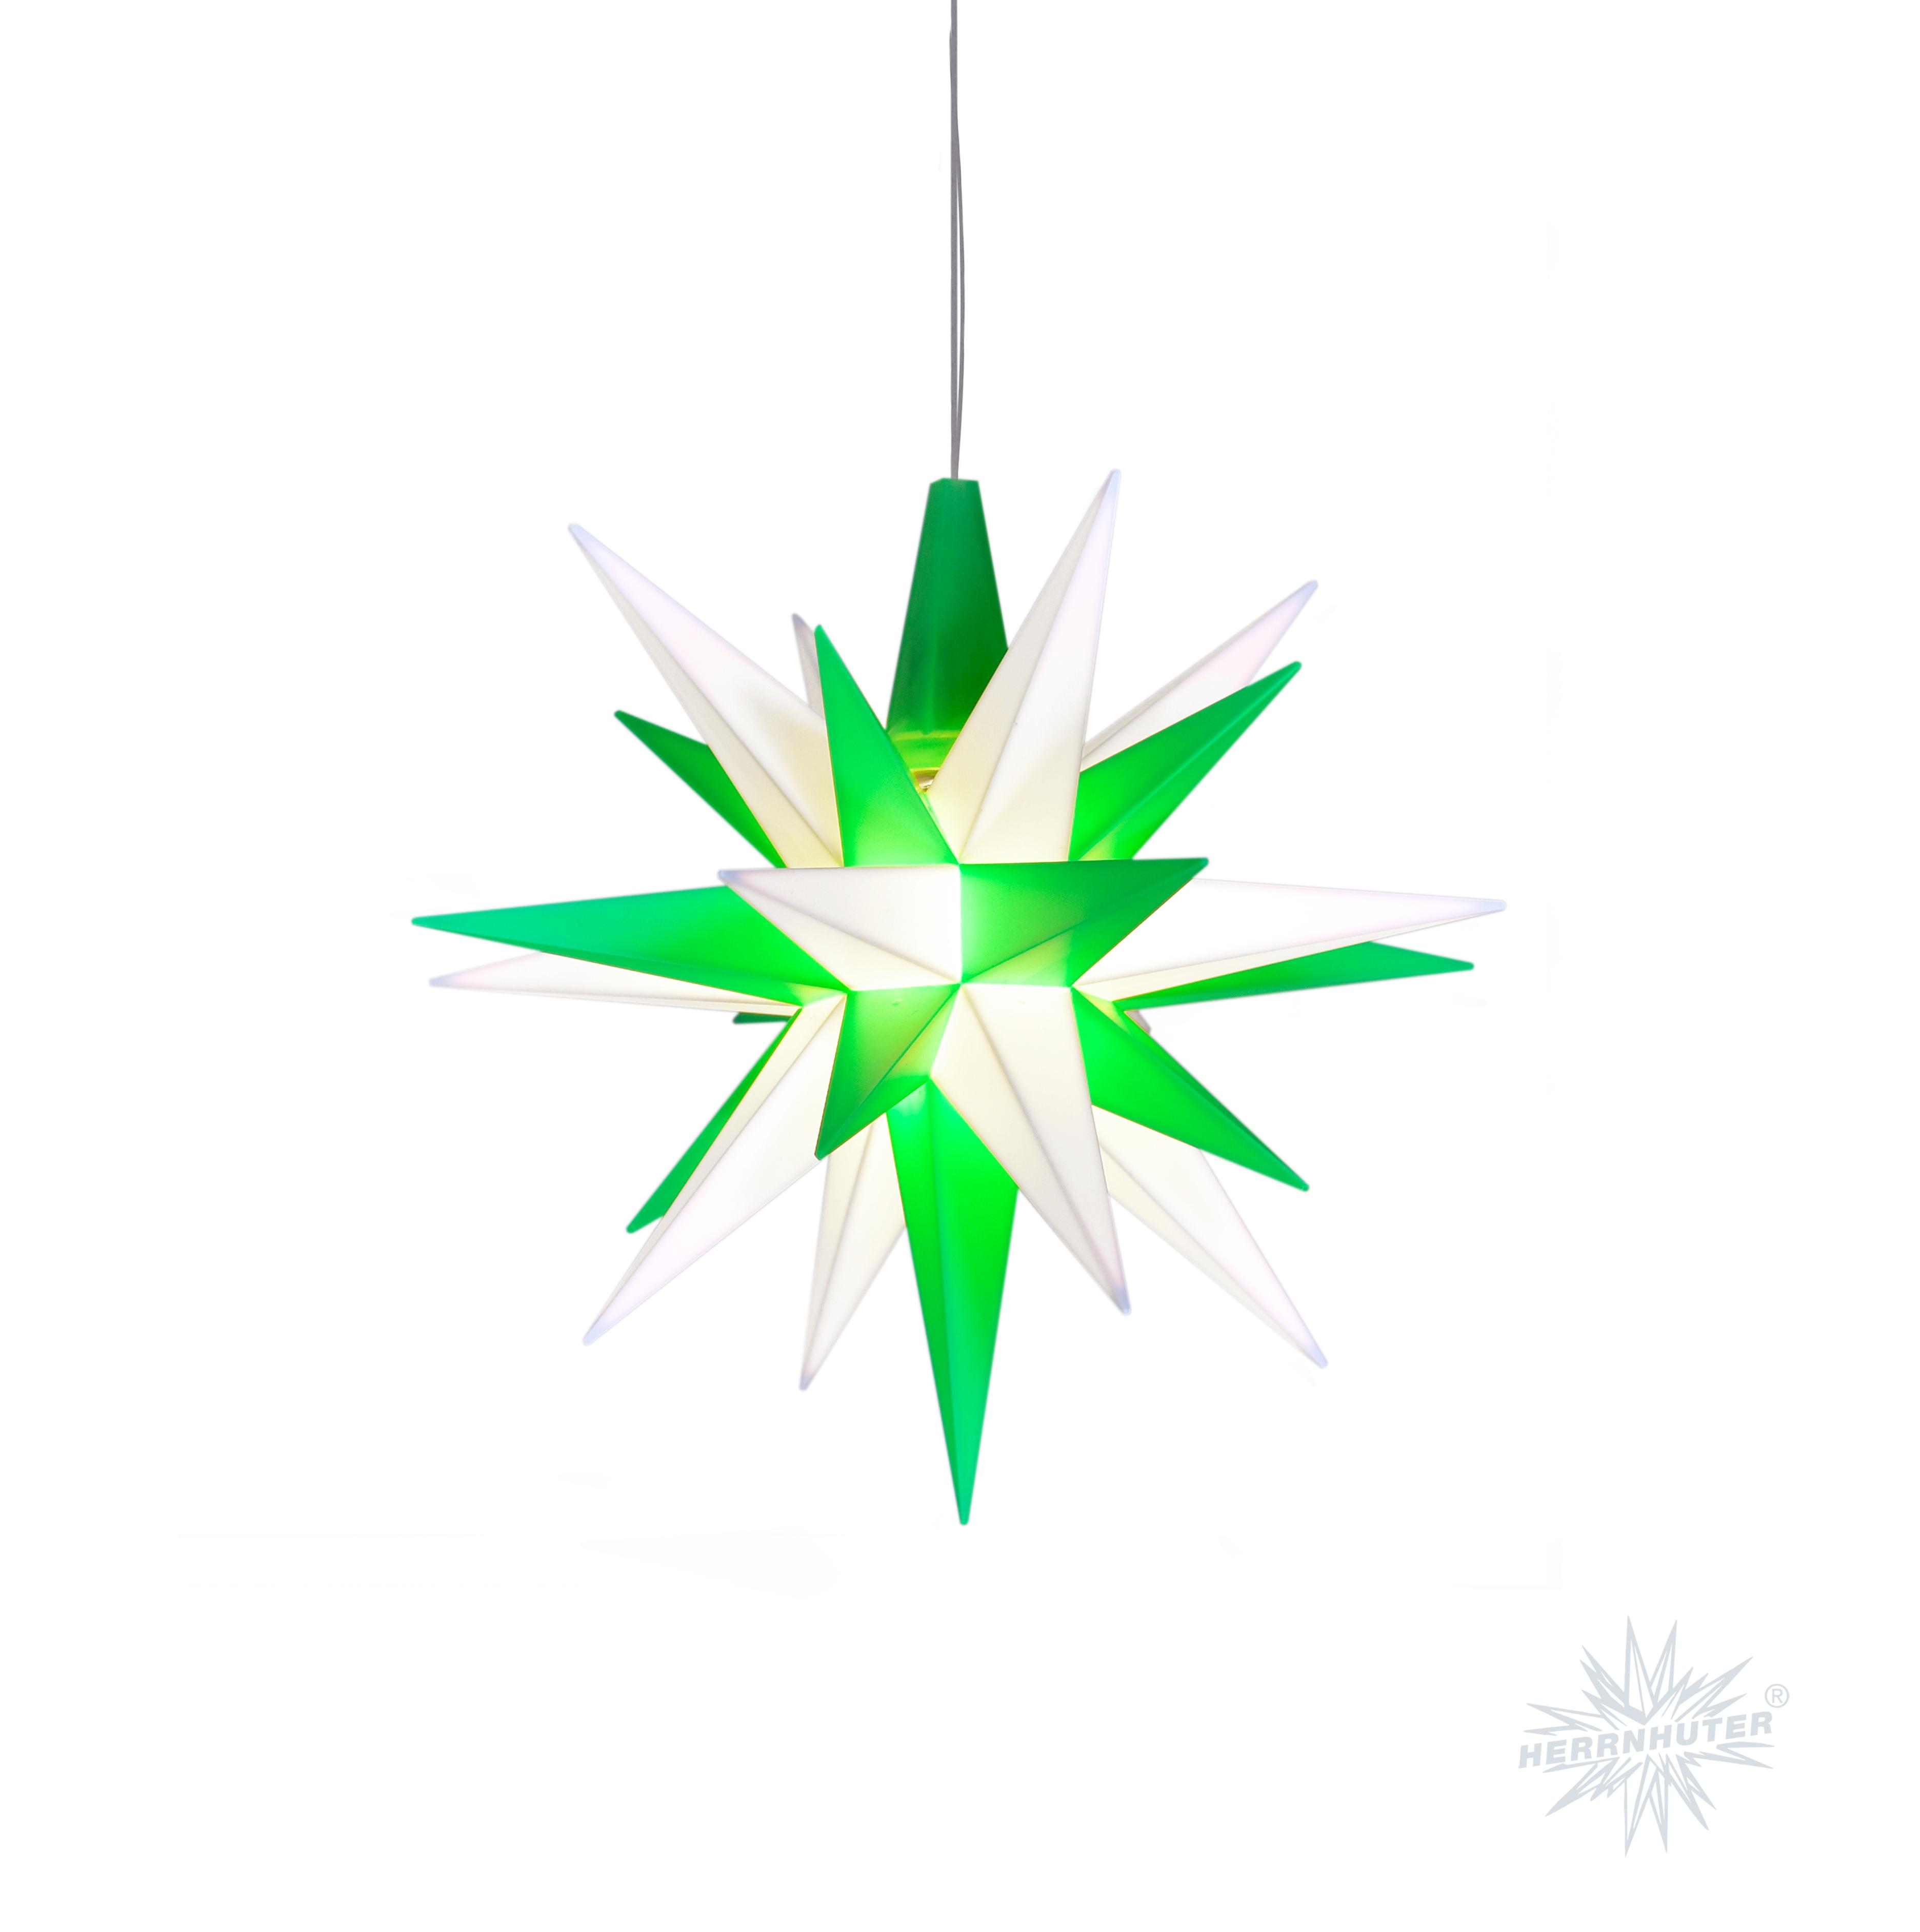 Herrnhuter Stern Kunststoff 13cm grün/weiß